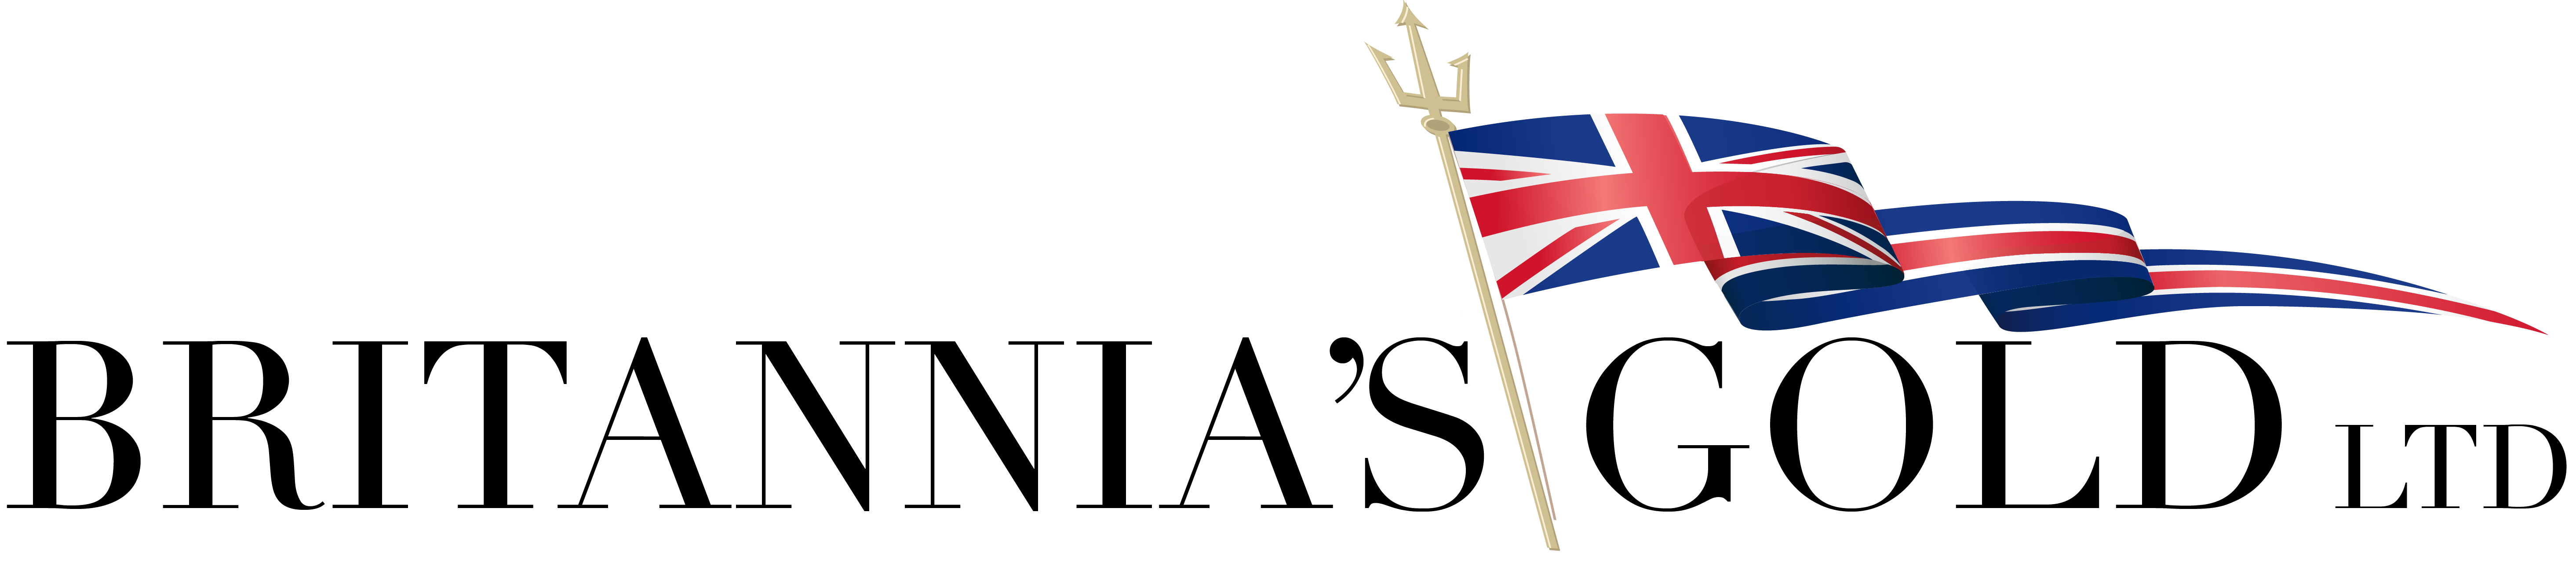 Britannia's Gold Ltd